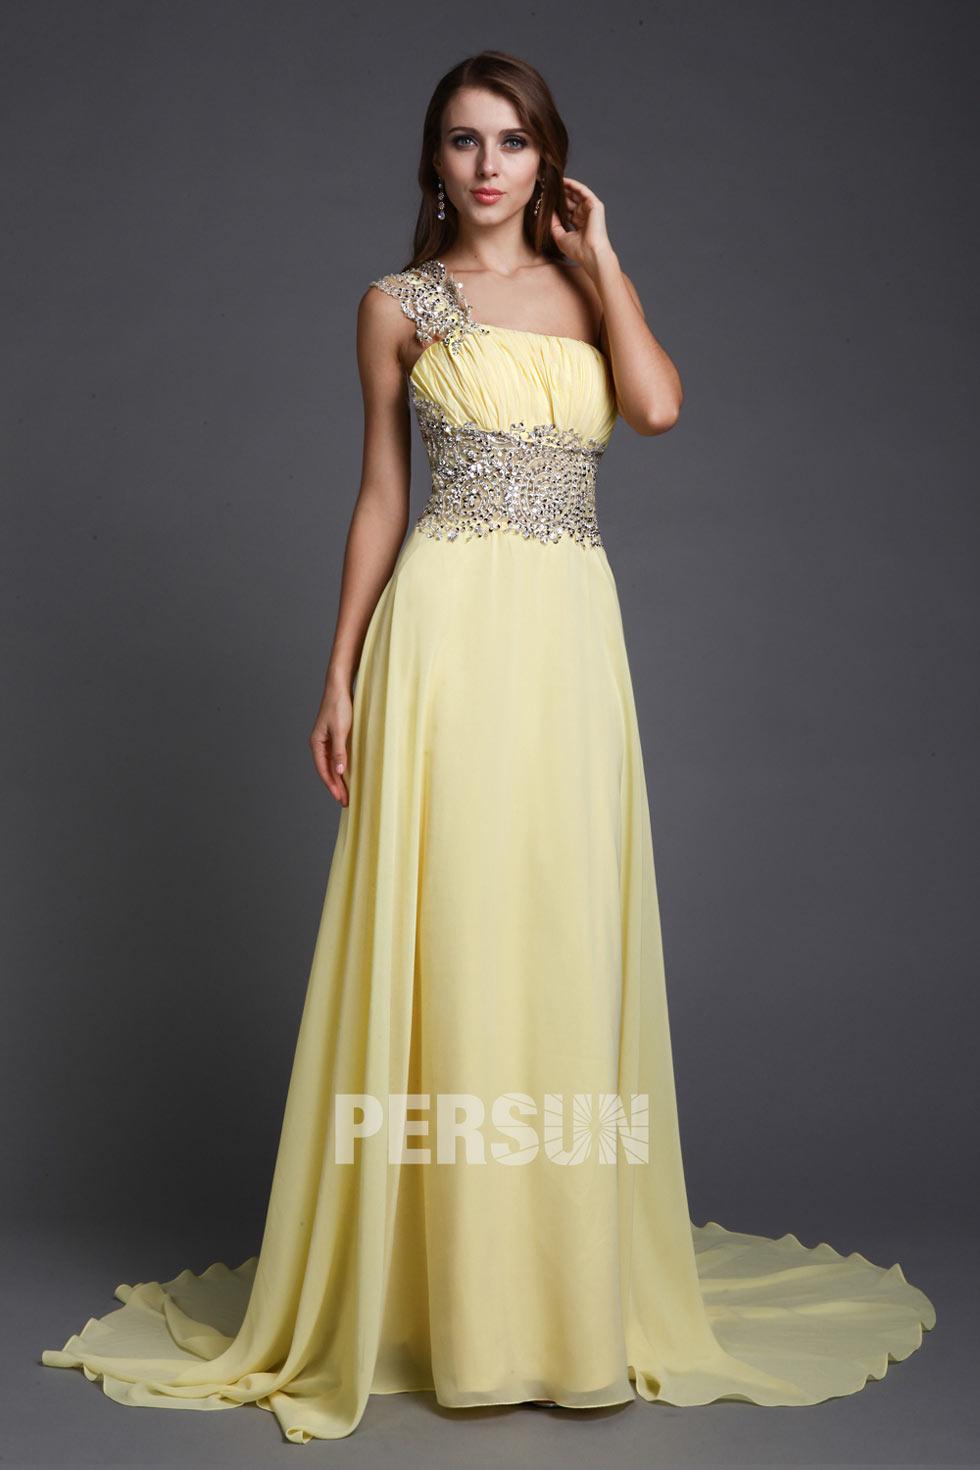 robe de soirée longue jaune asymétrique embelli de strass